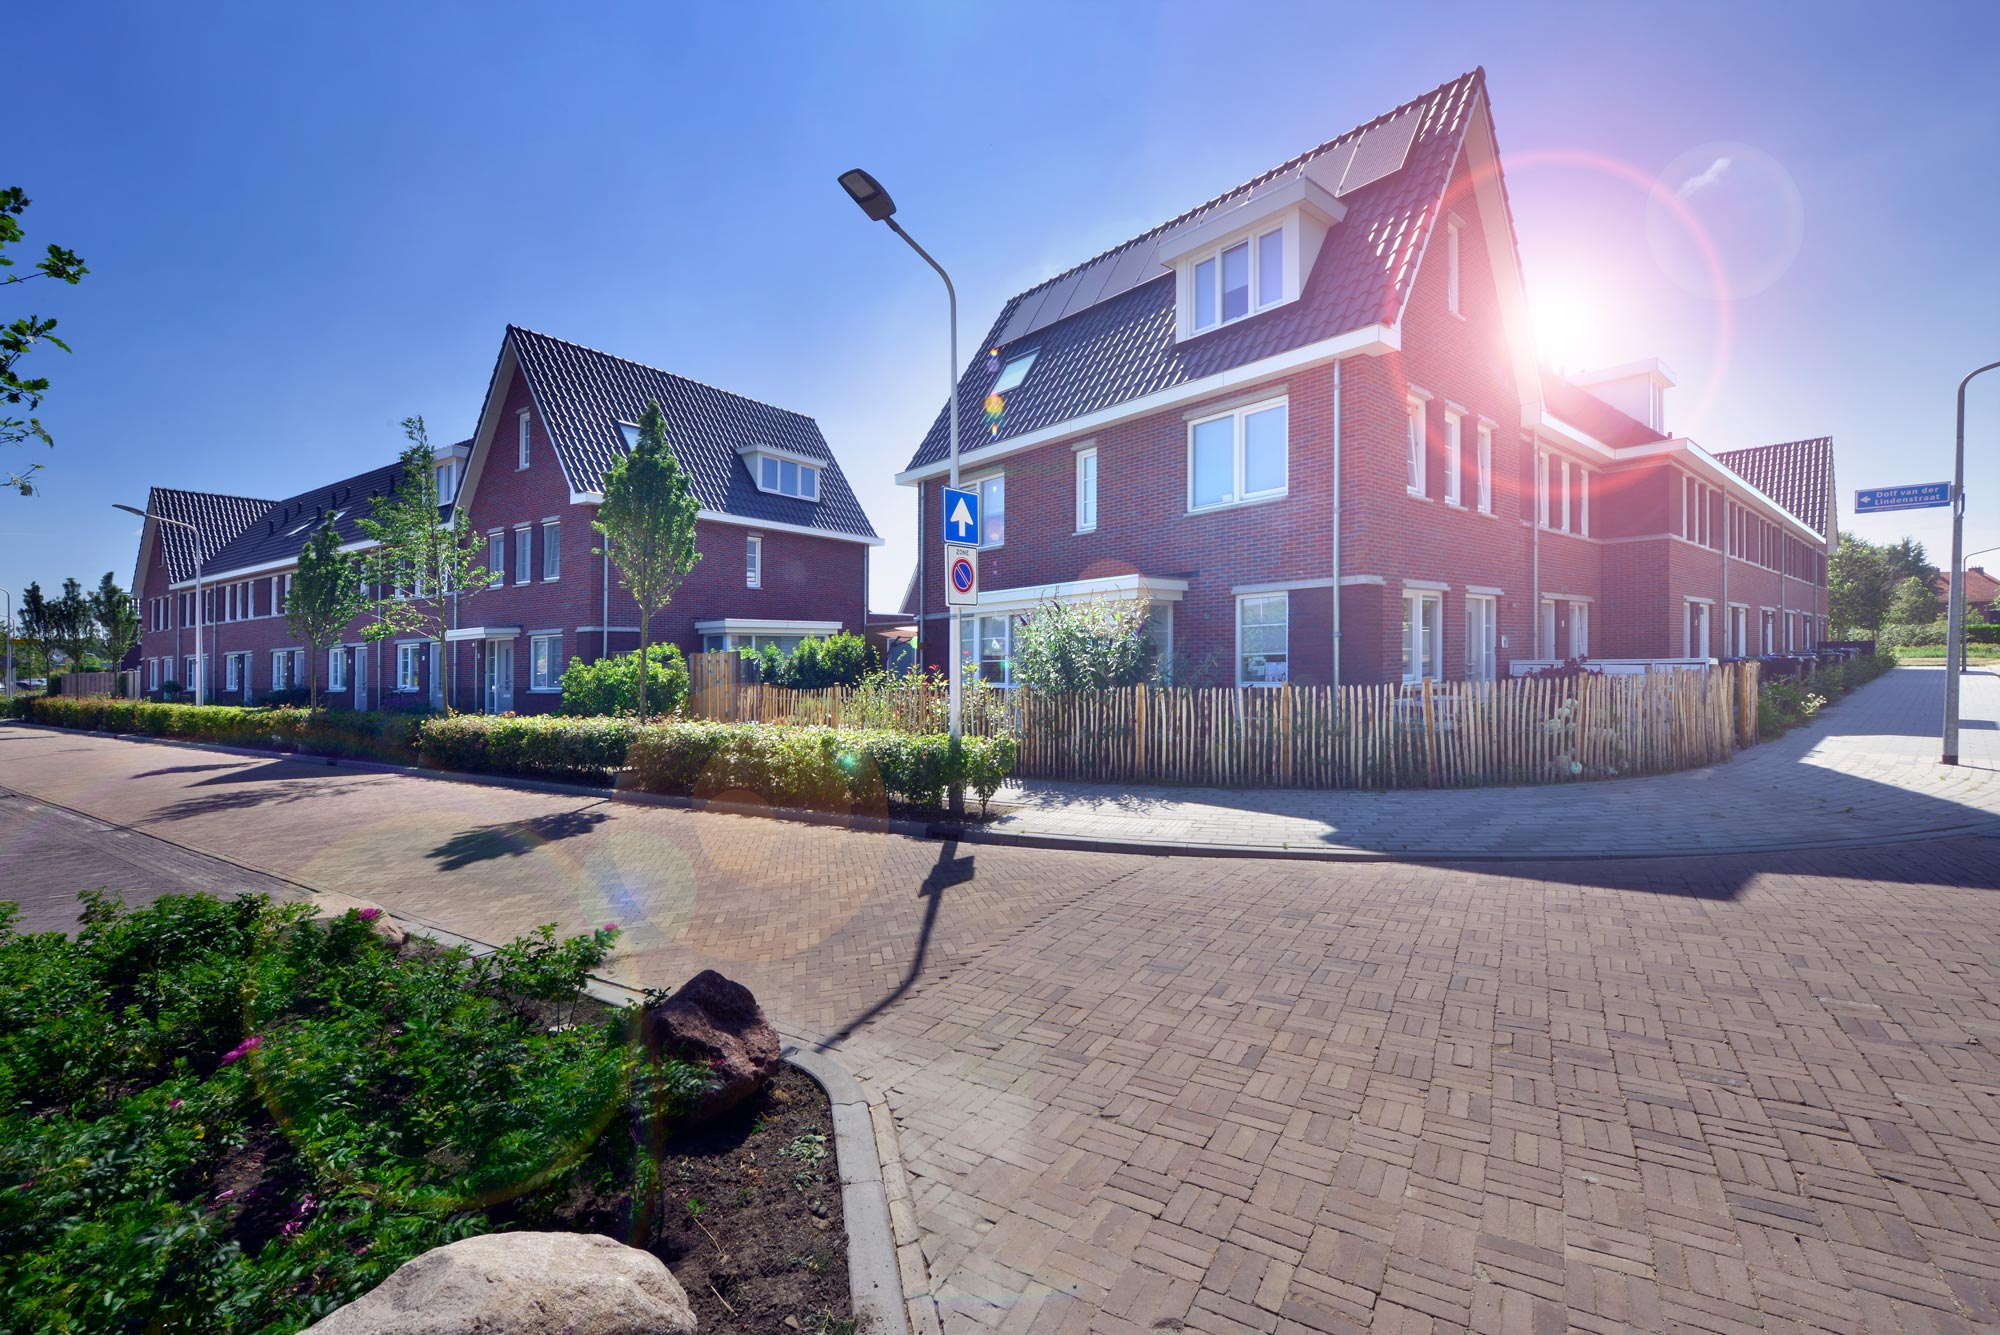 Hilversum_Heidepark-Anna's-Hoeve_04